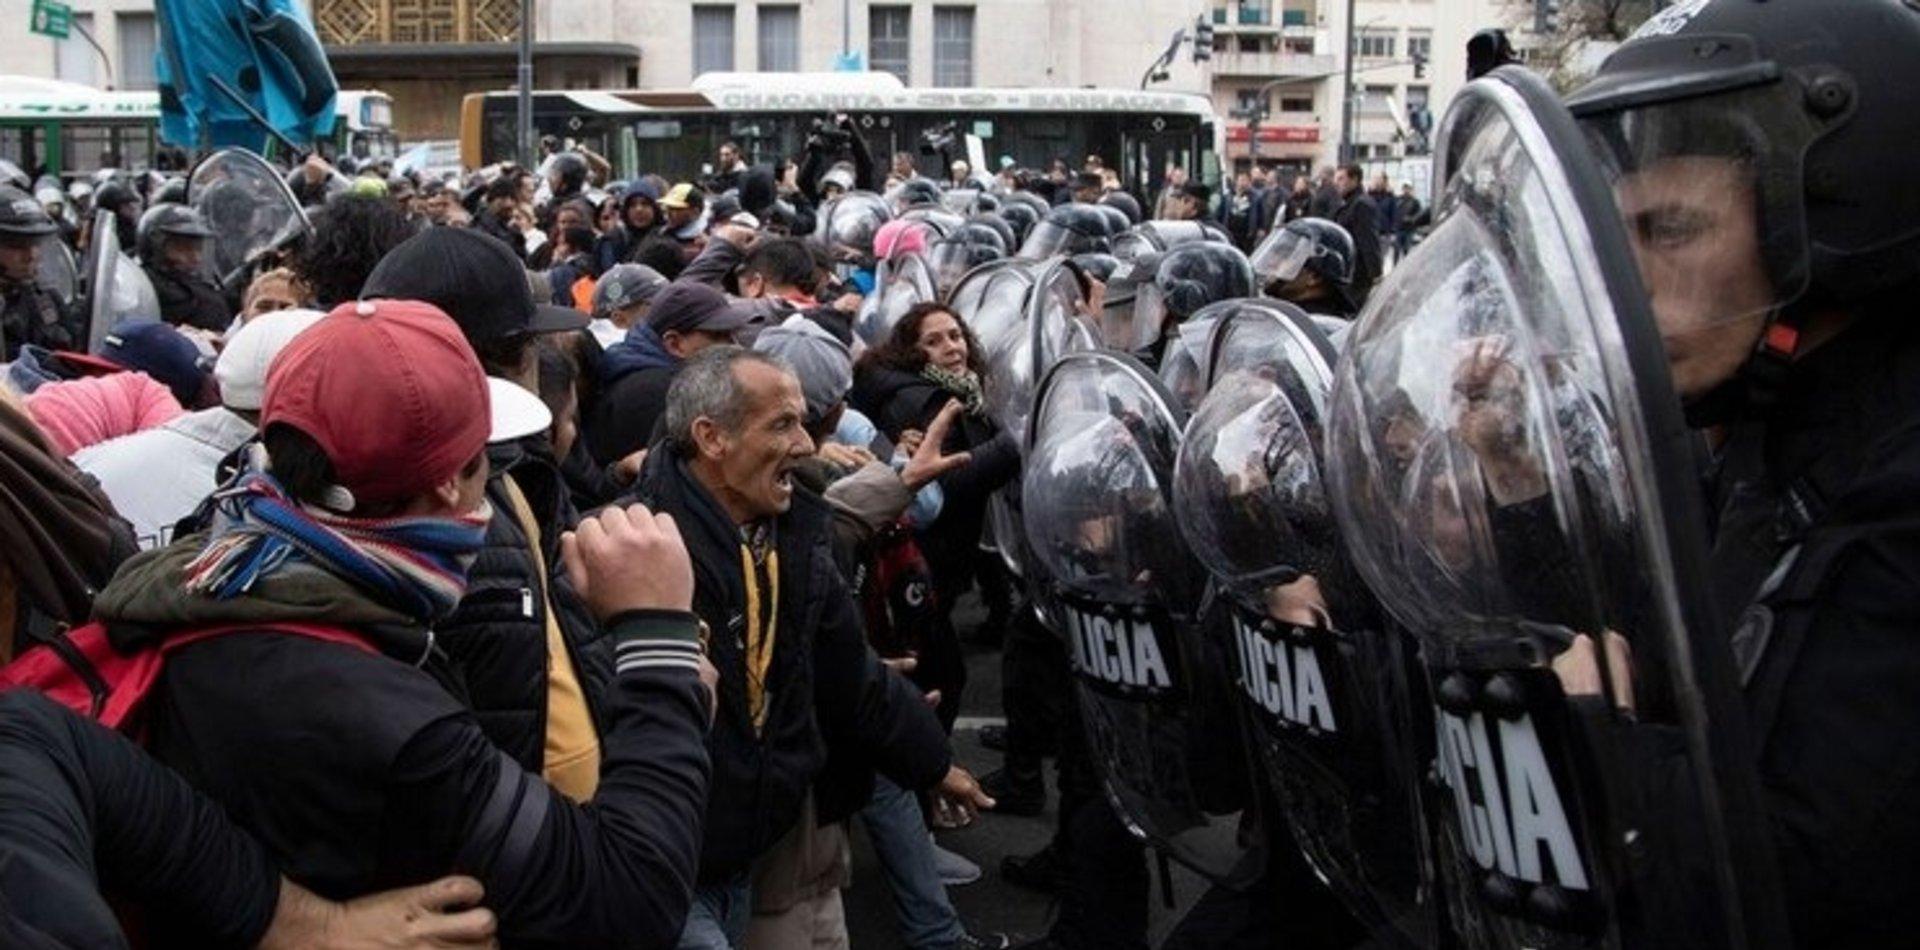 Protestas, enfrentamiento y represión en la 9 de Julio: hay manifestantes detenidos